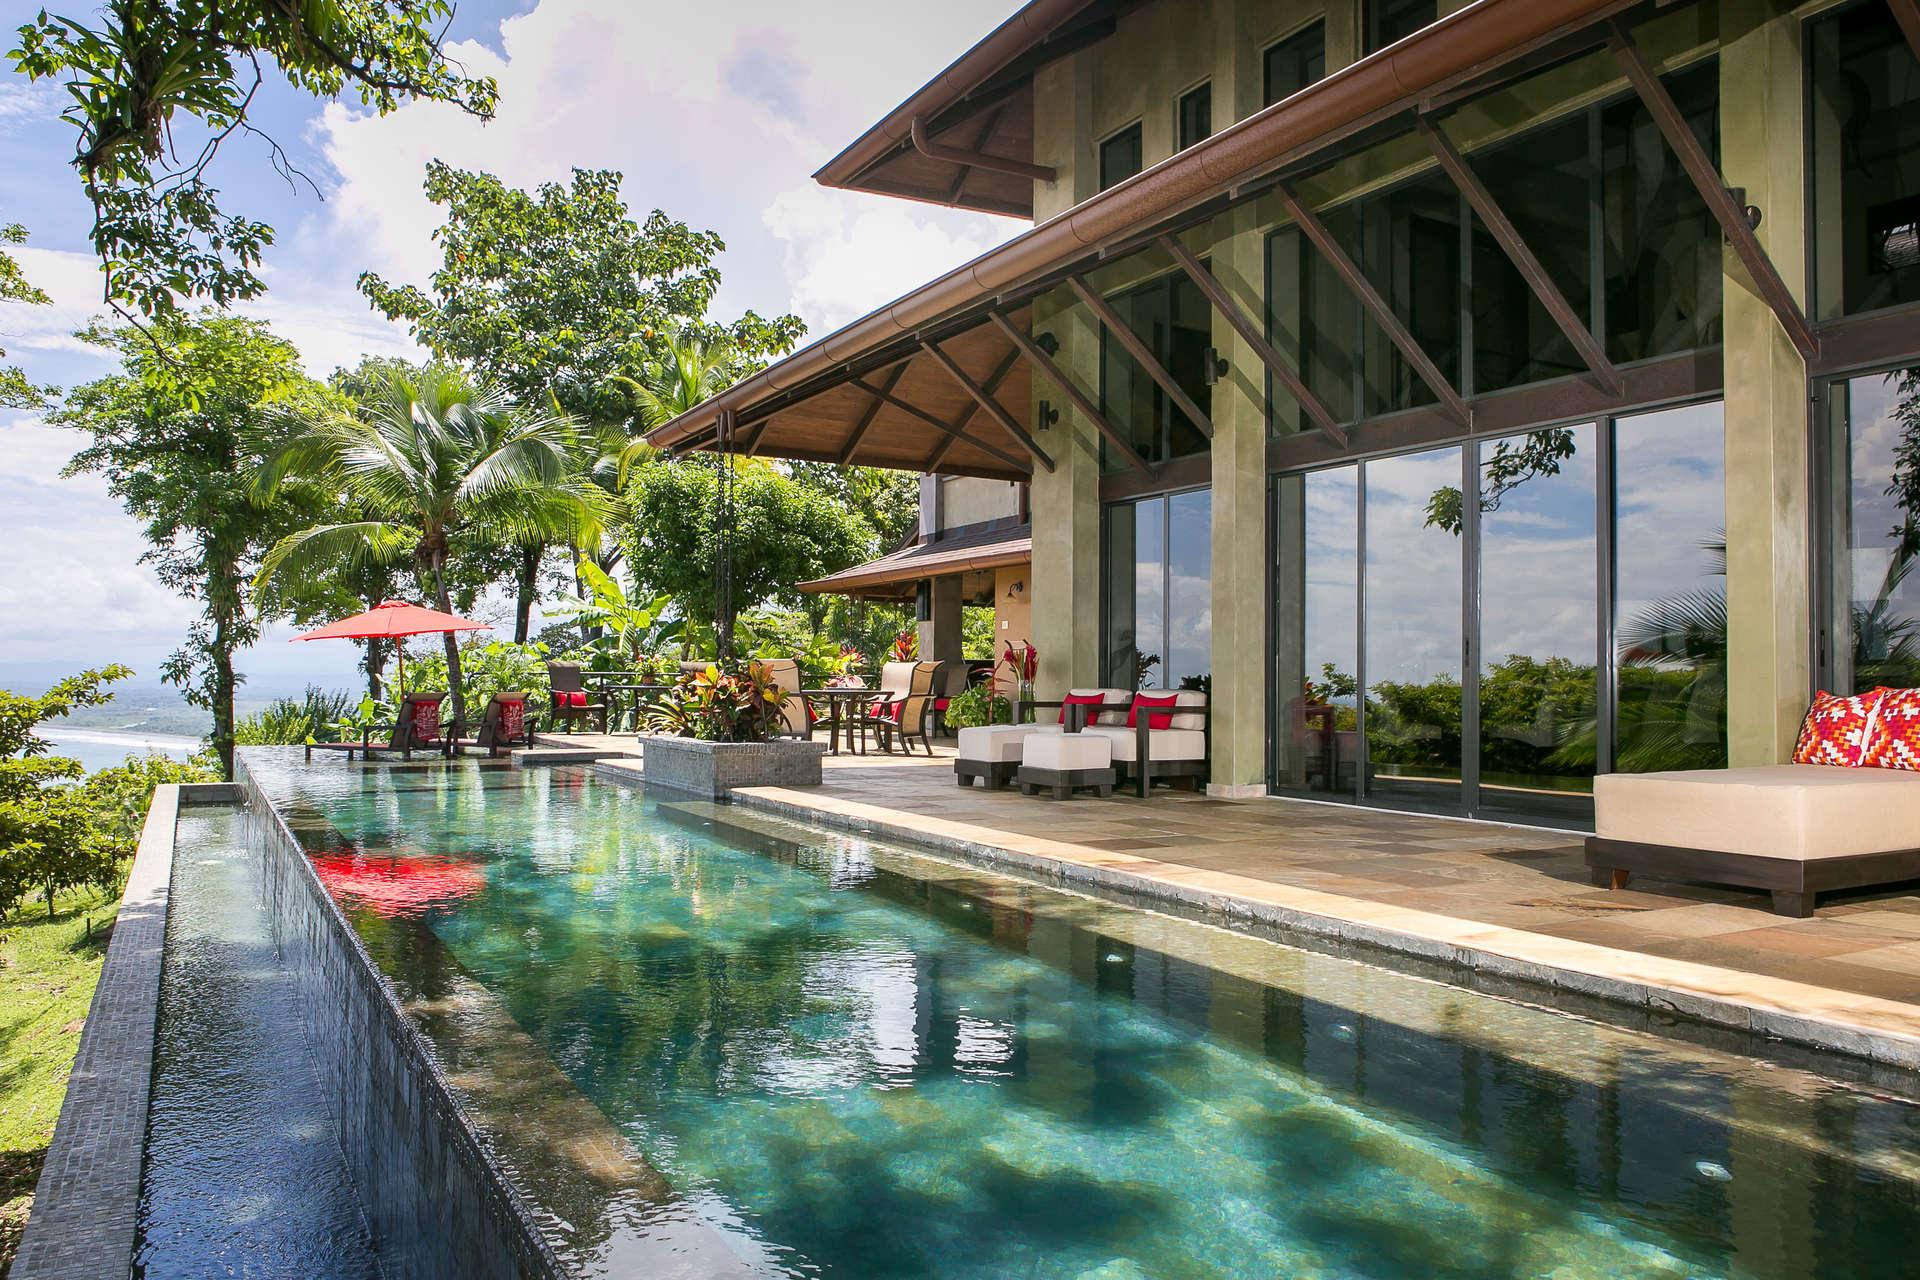 Central america villa rentals - Costa rica - Puntarenas - Manuel antonio - Paraiso Villa - Image 1/18